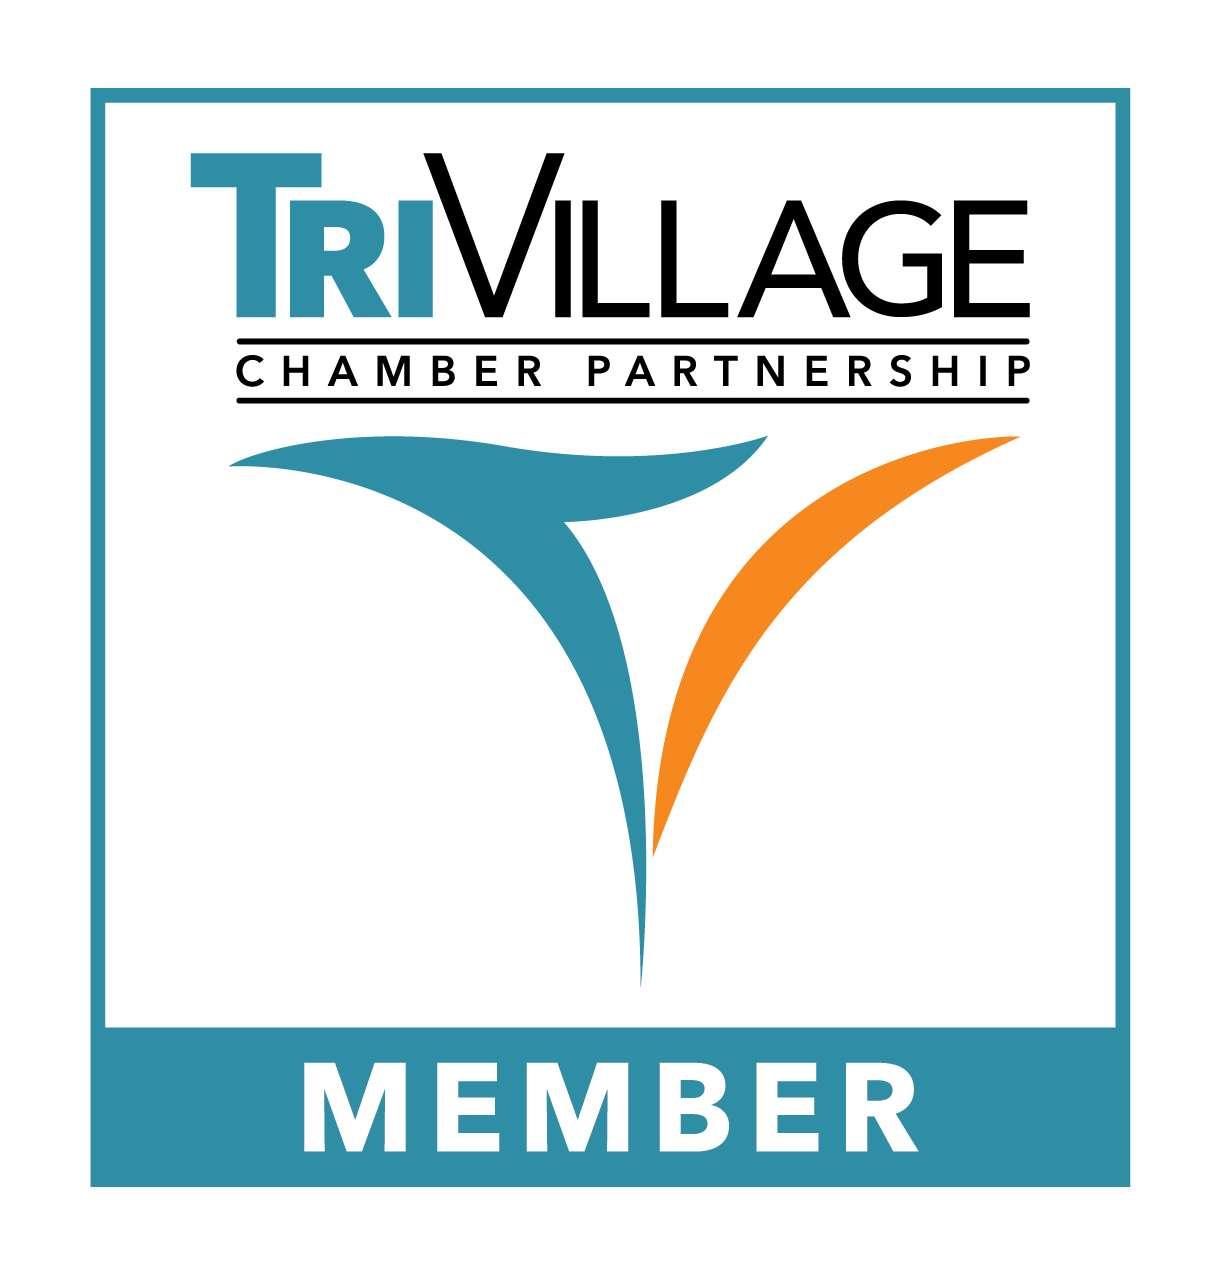 Logo Usage Tri Village Chamber Partnership